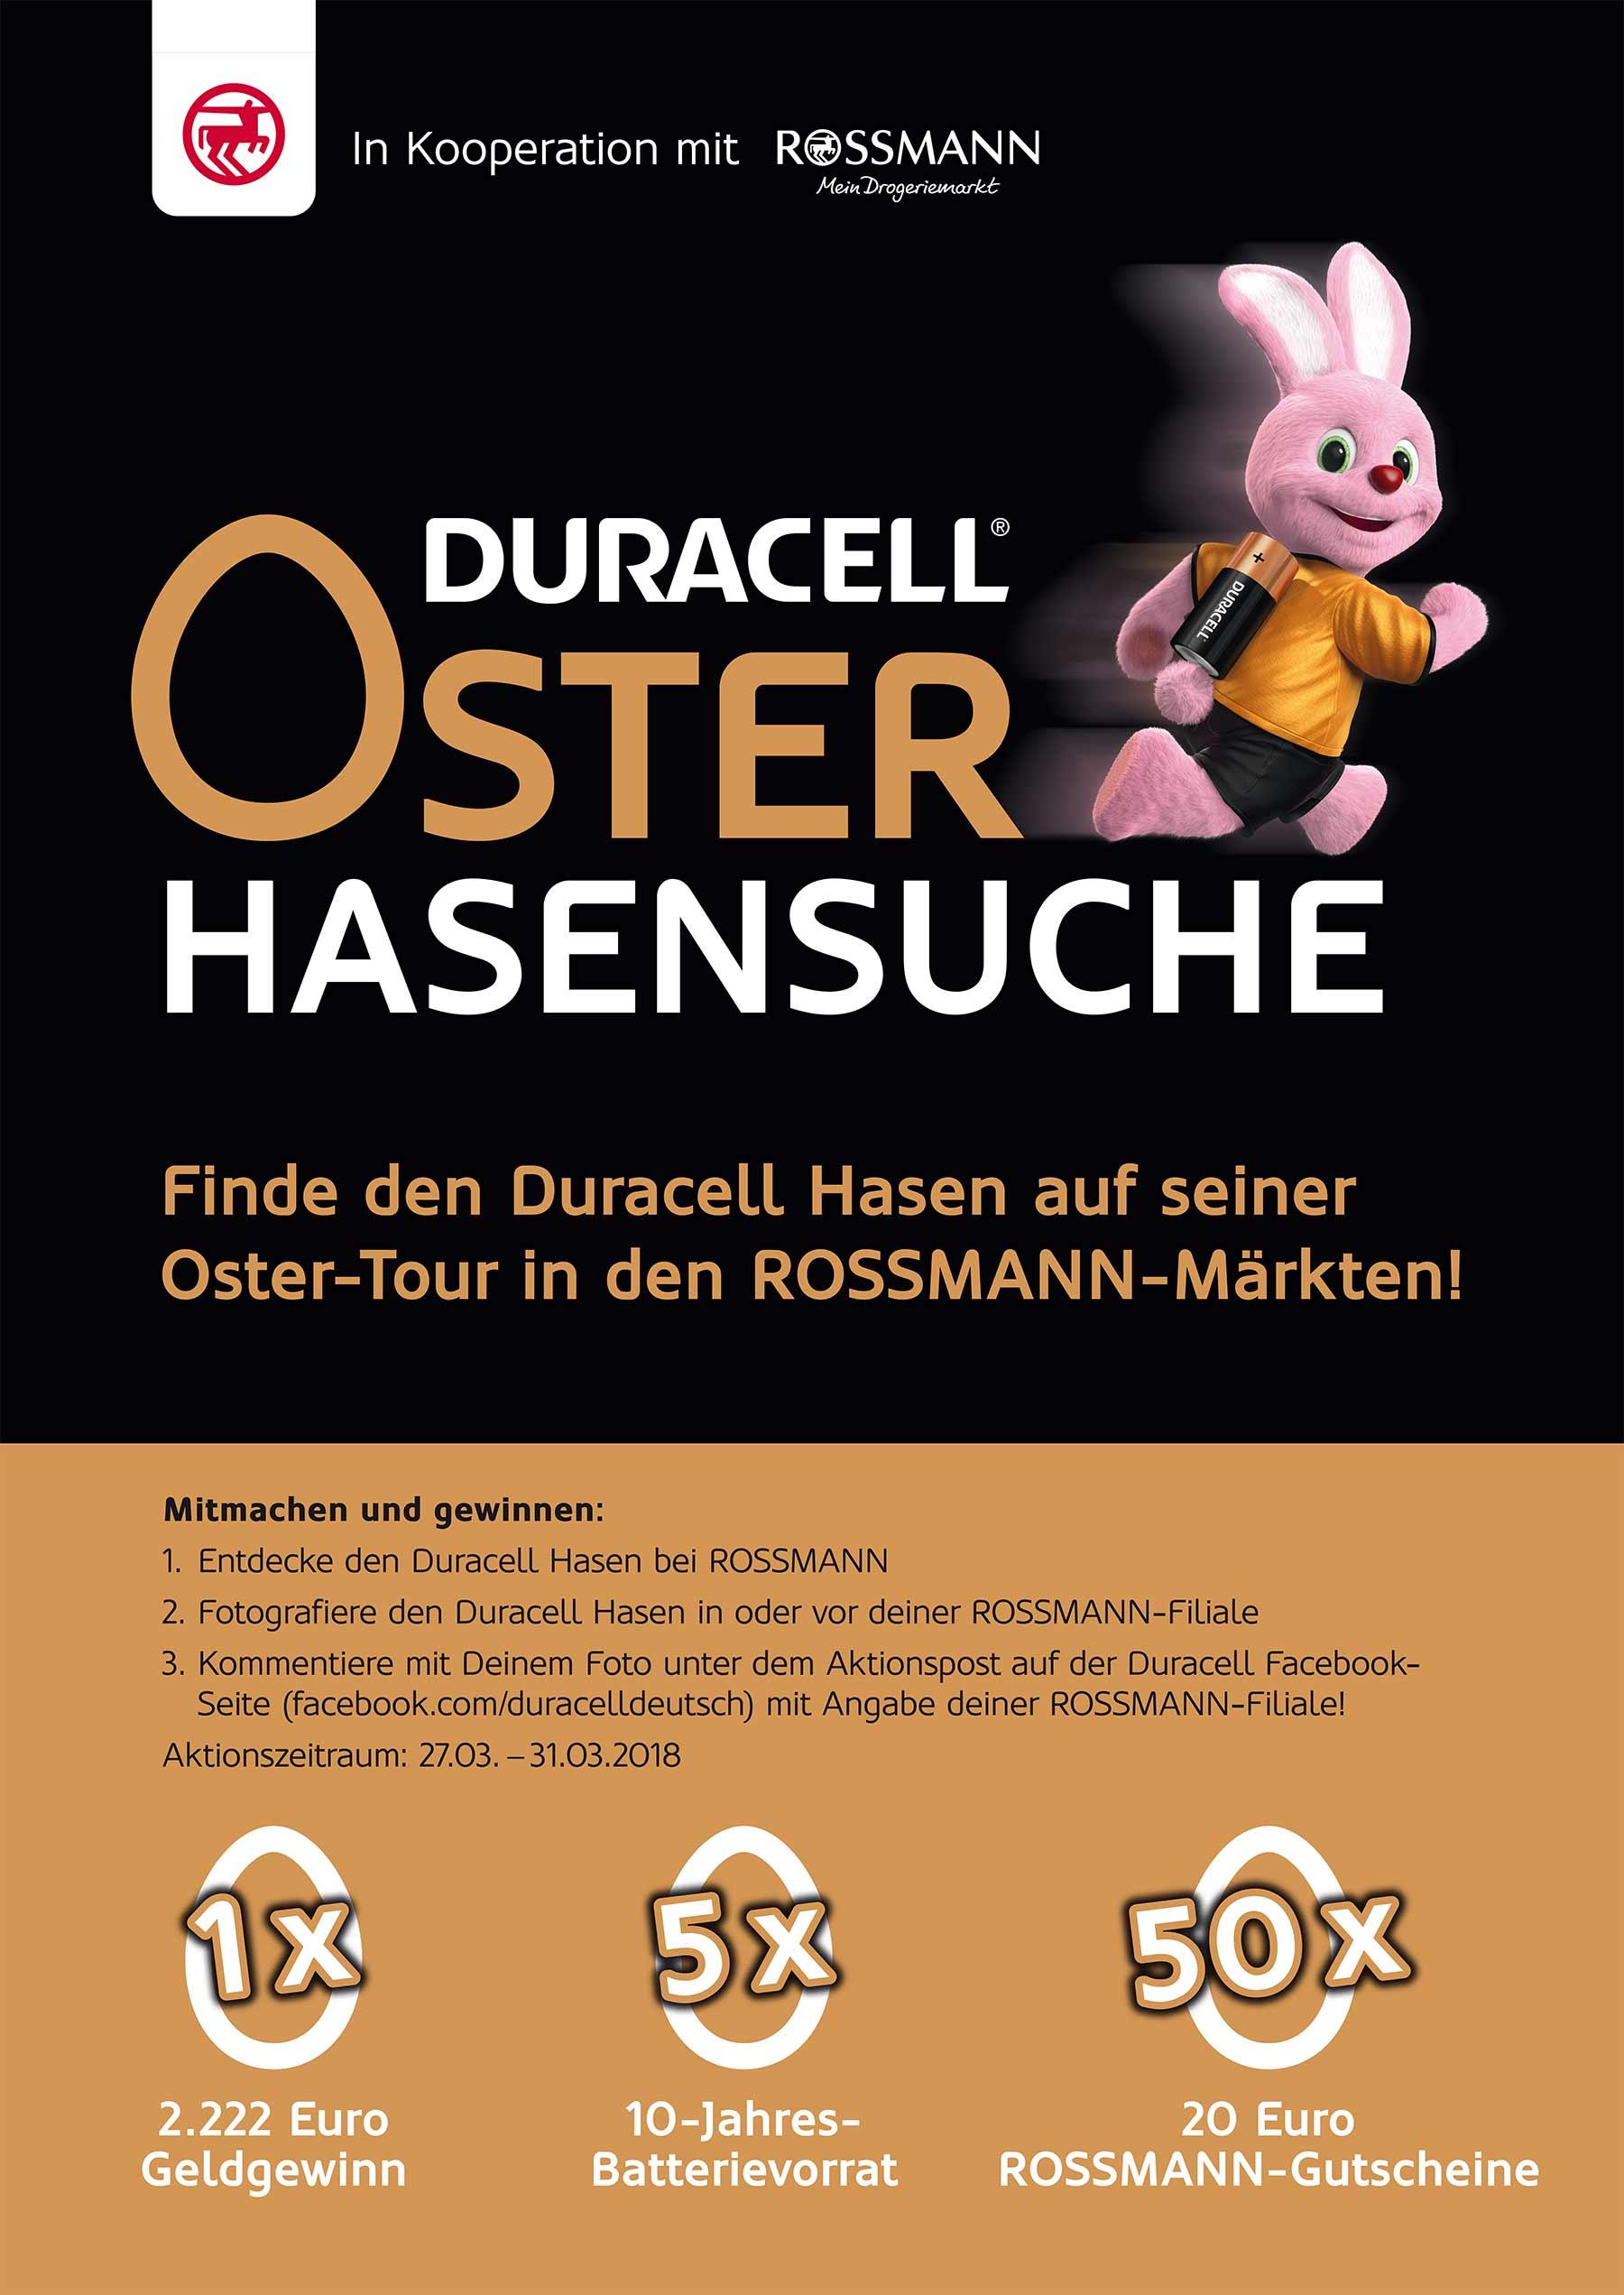 Finde den Duracell Hasen bei ROSSMANN und gewinne 2.222 Euro Duracell-Rossmann_Hasensuche_01